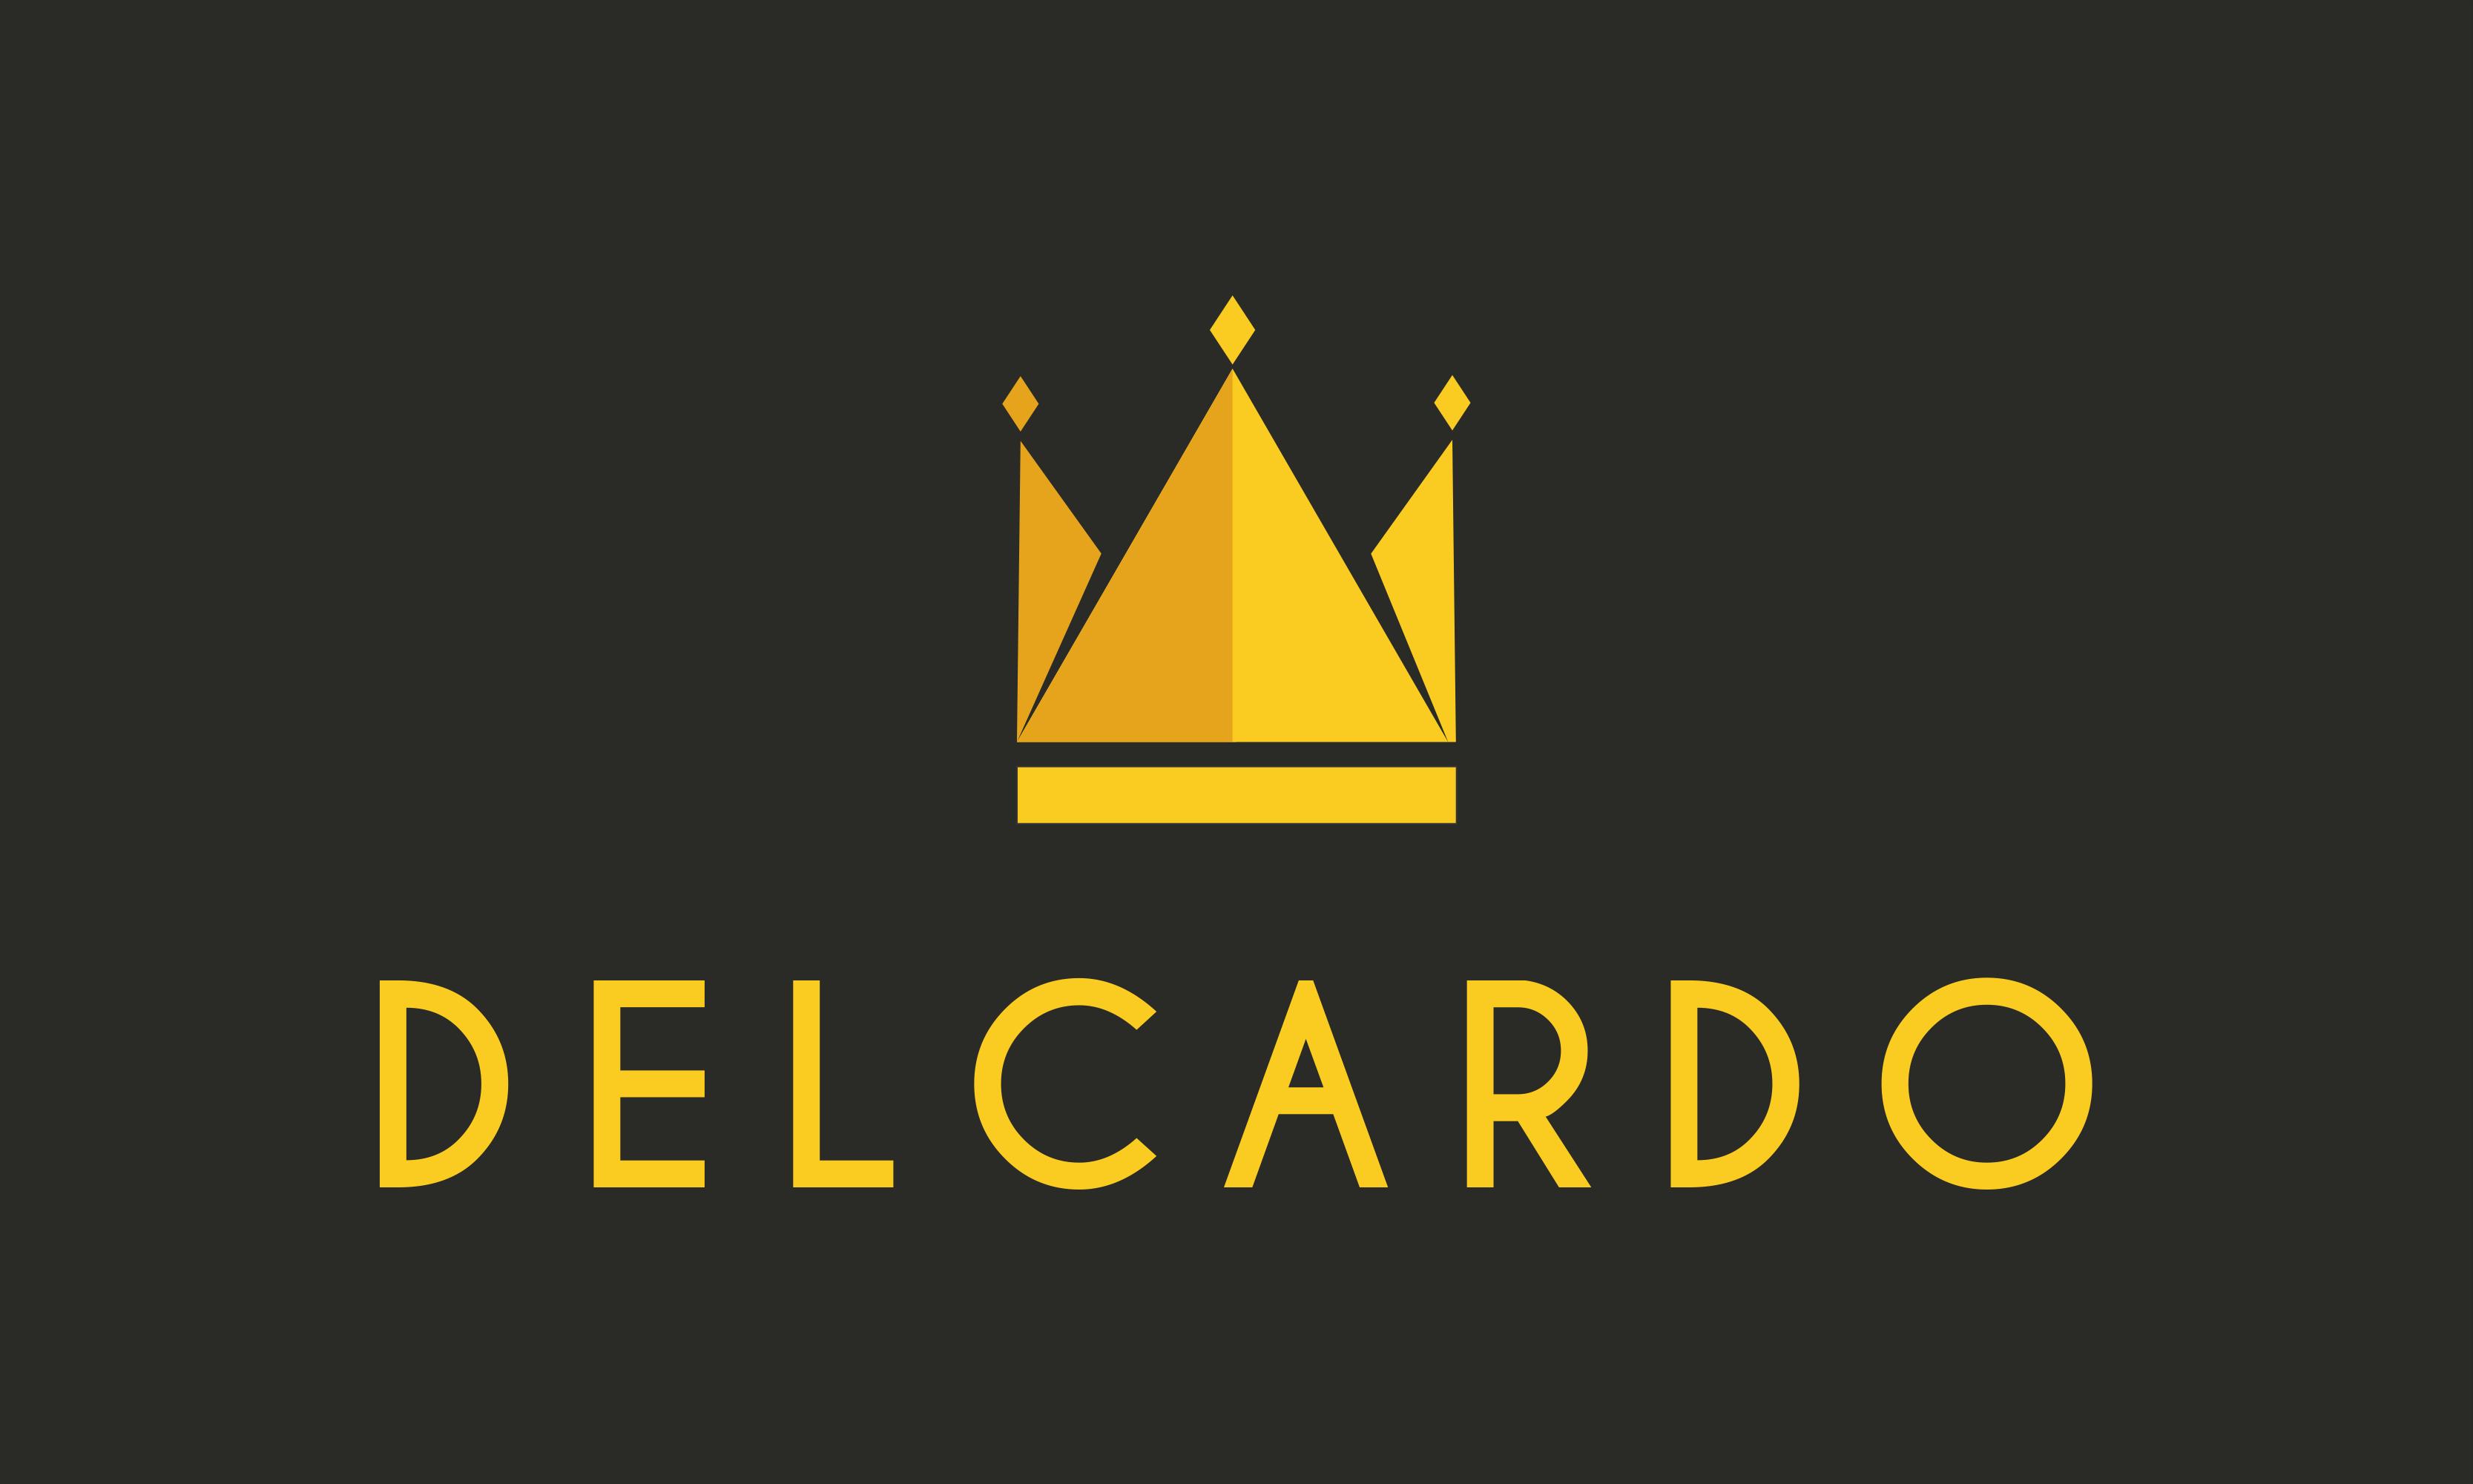 Delcardo